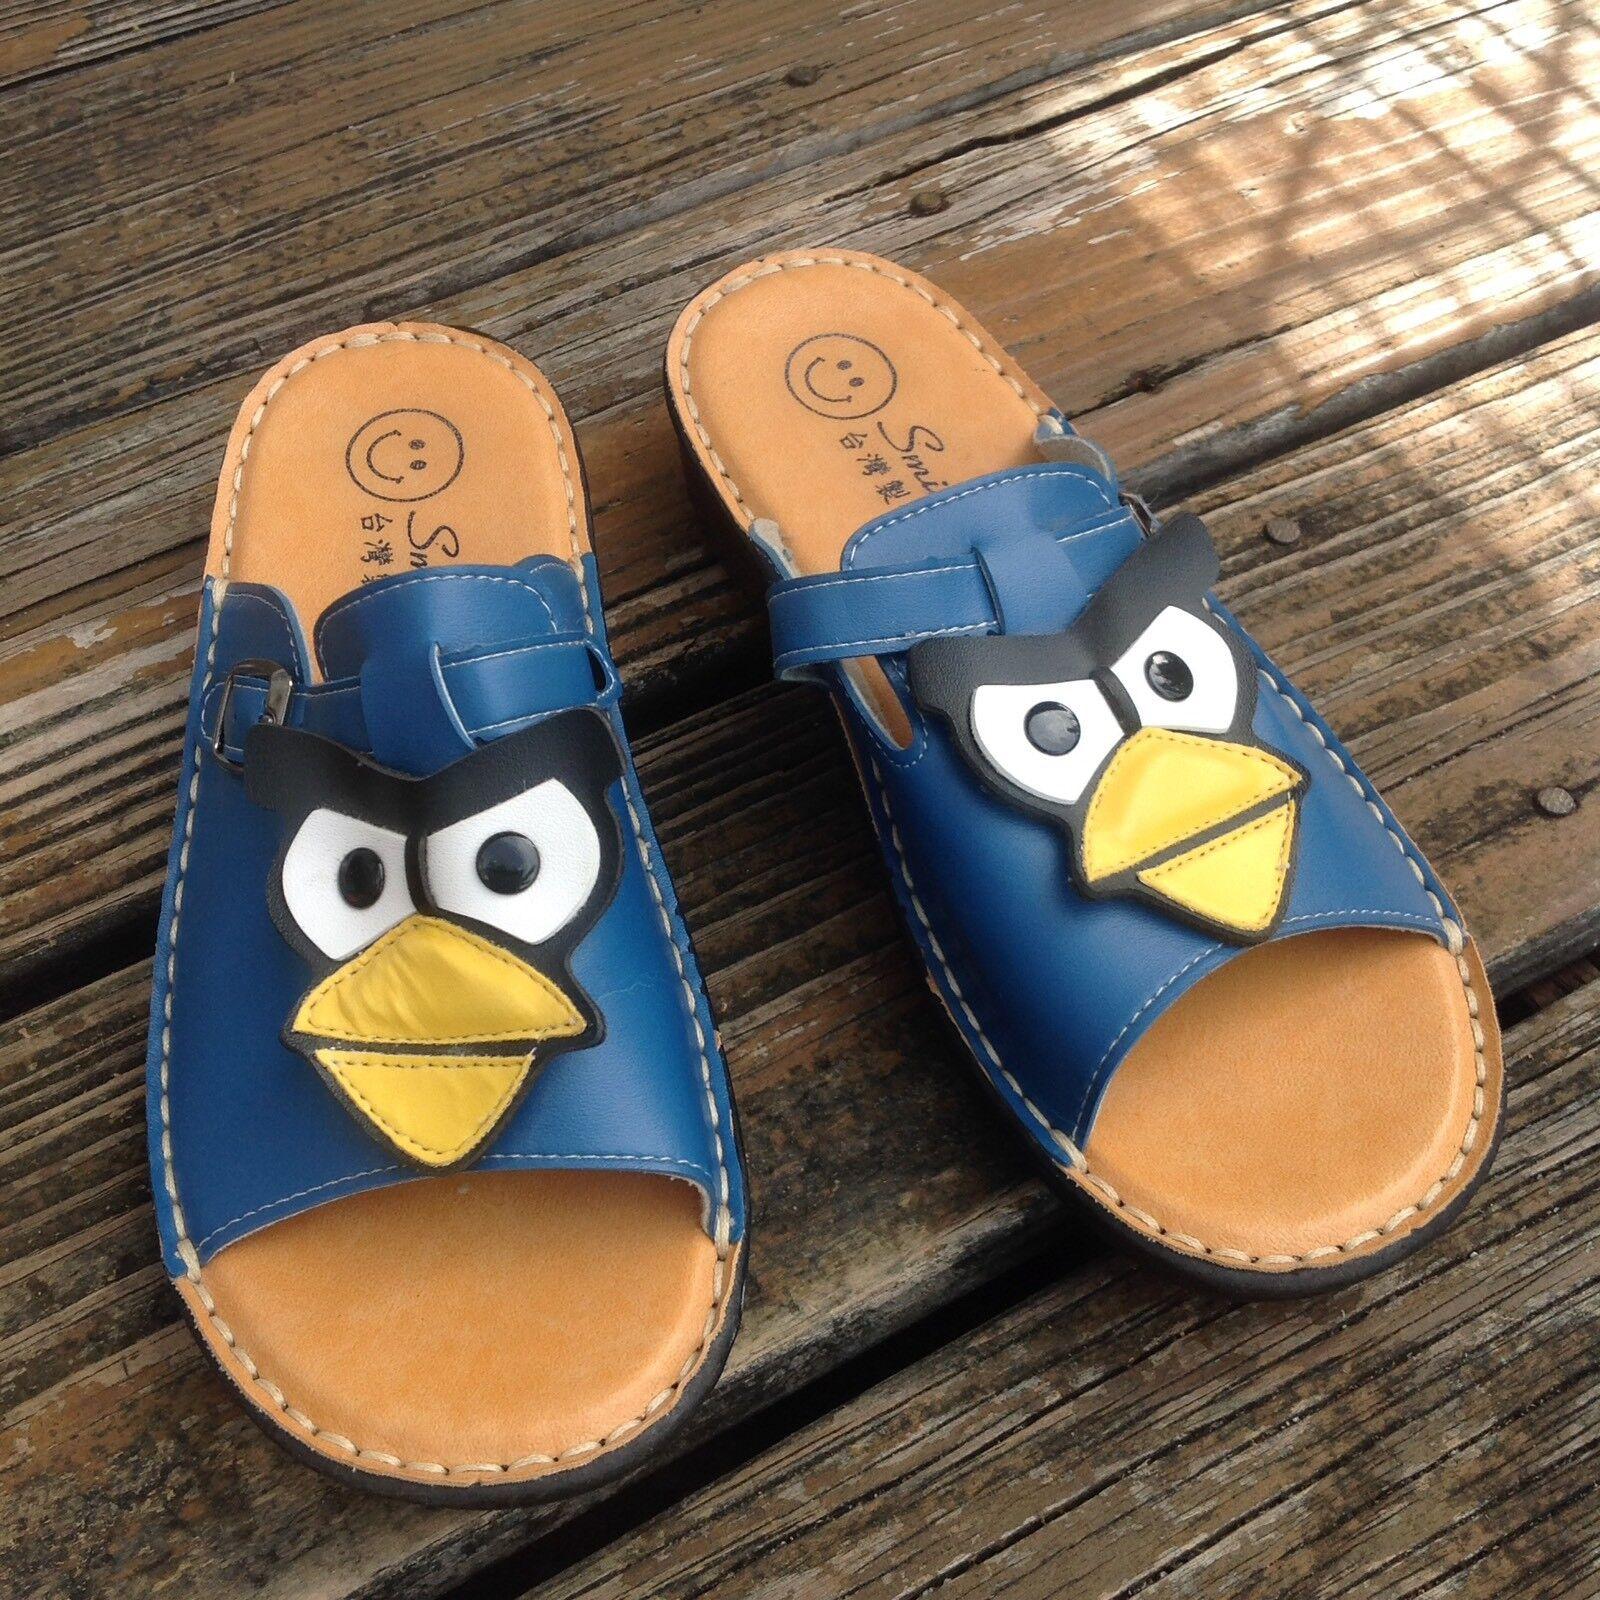 Smile Blau Angry Birds Slip On Sandals damen 9 39 Mules Slides schuhe Open Toe